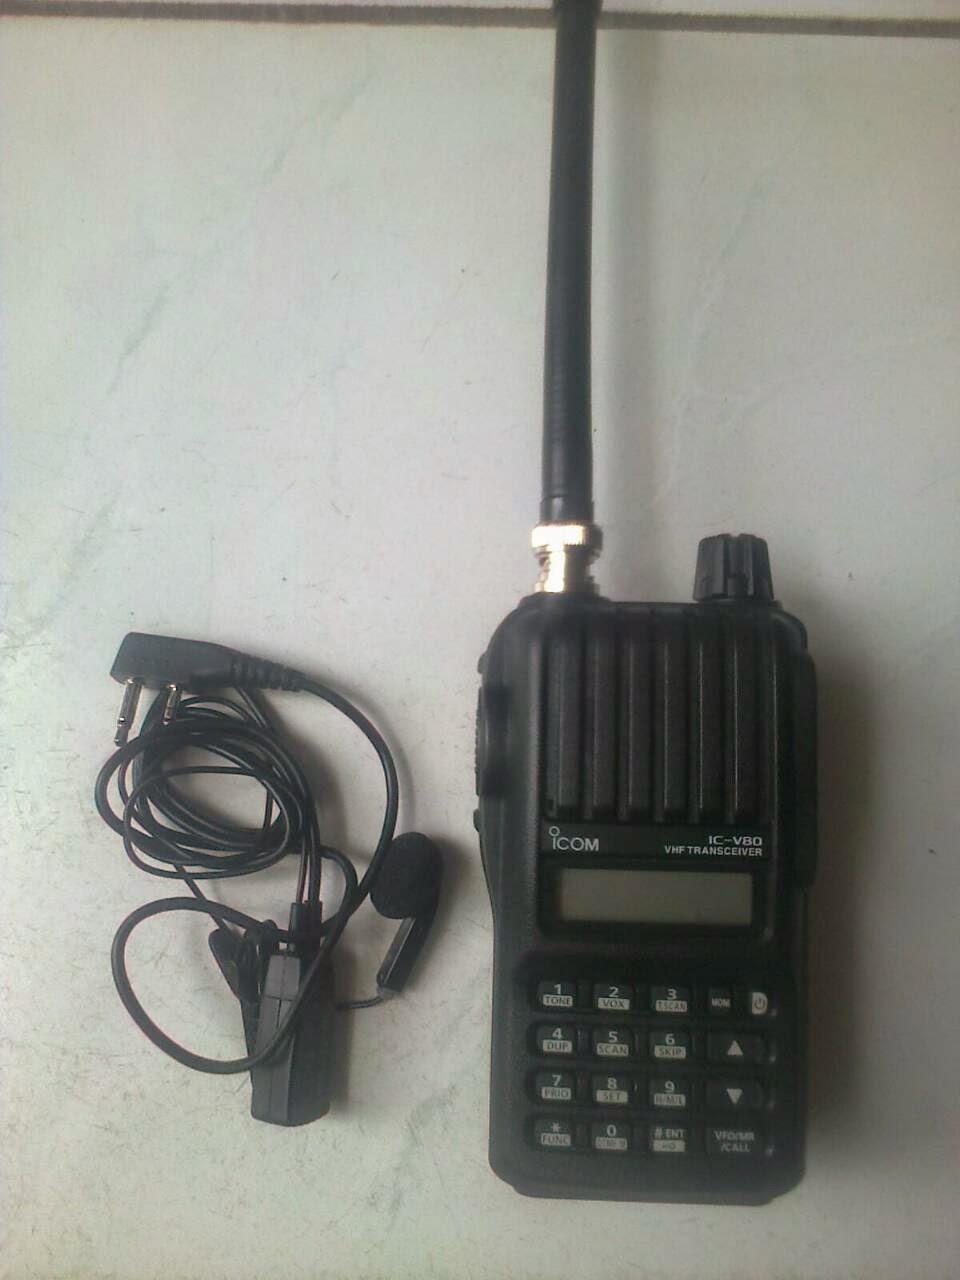 Tempat Jasa Penyewaan HT Handy Talky Icom V80 Murah Di Jakarta